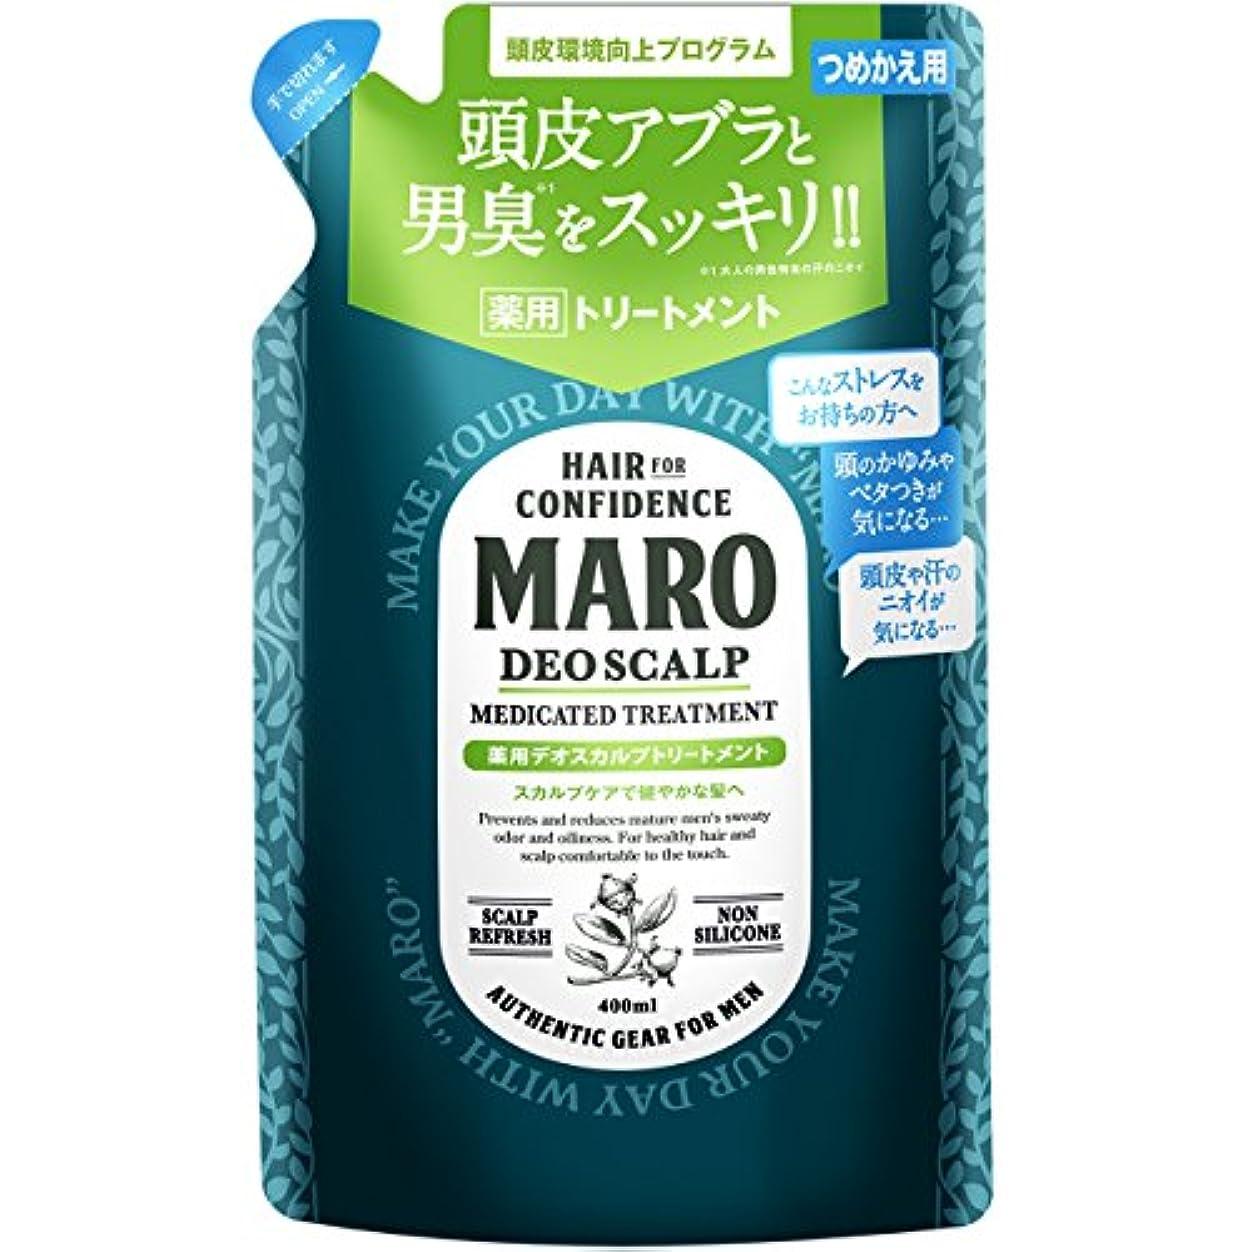 囲い検証熱狂的なMARO 薬用 デオスカルプ トリートメント 詰め替え 400ml 【医薬部外品】